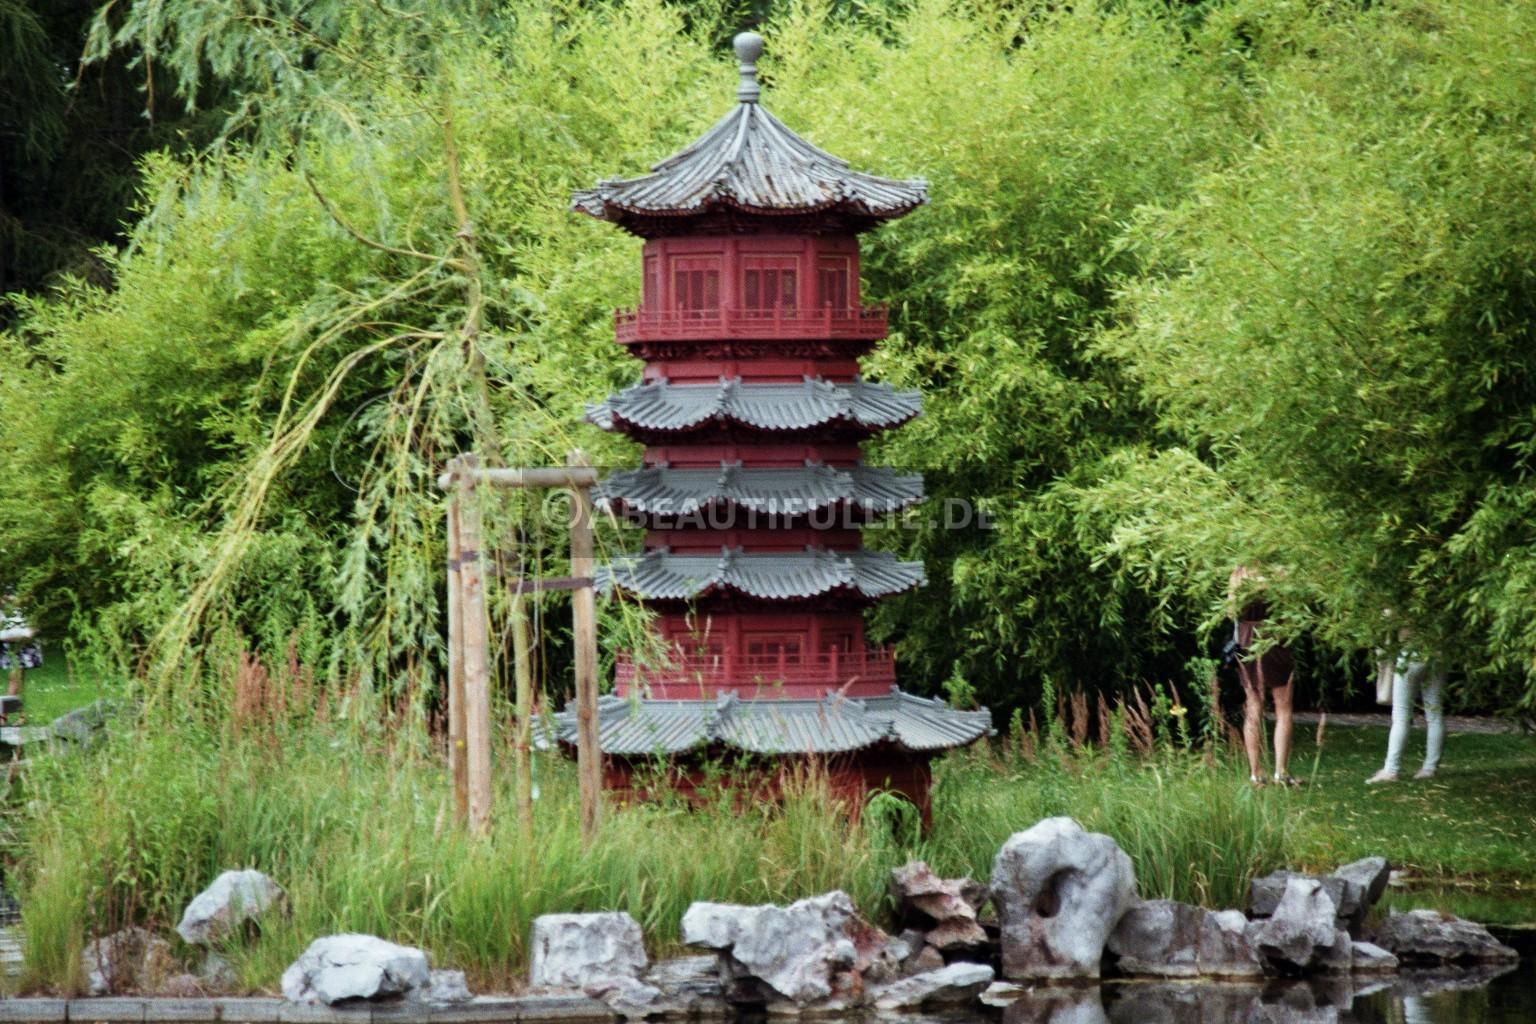 Teich am chinesischen Garten